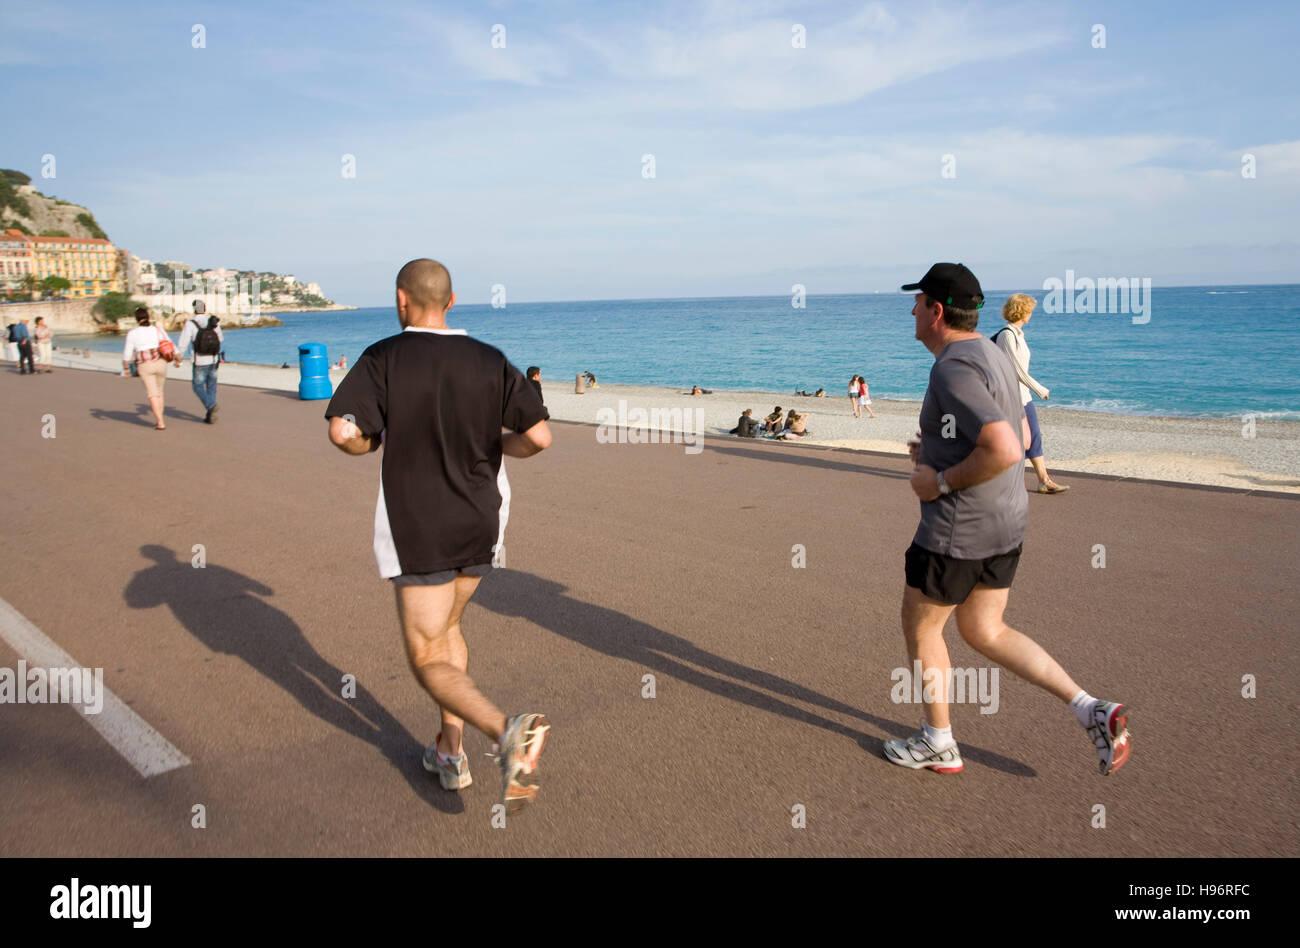 Men jogging on Promenade des Anglais, beach, Nice, Cote d'Azur, France - Stock Image